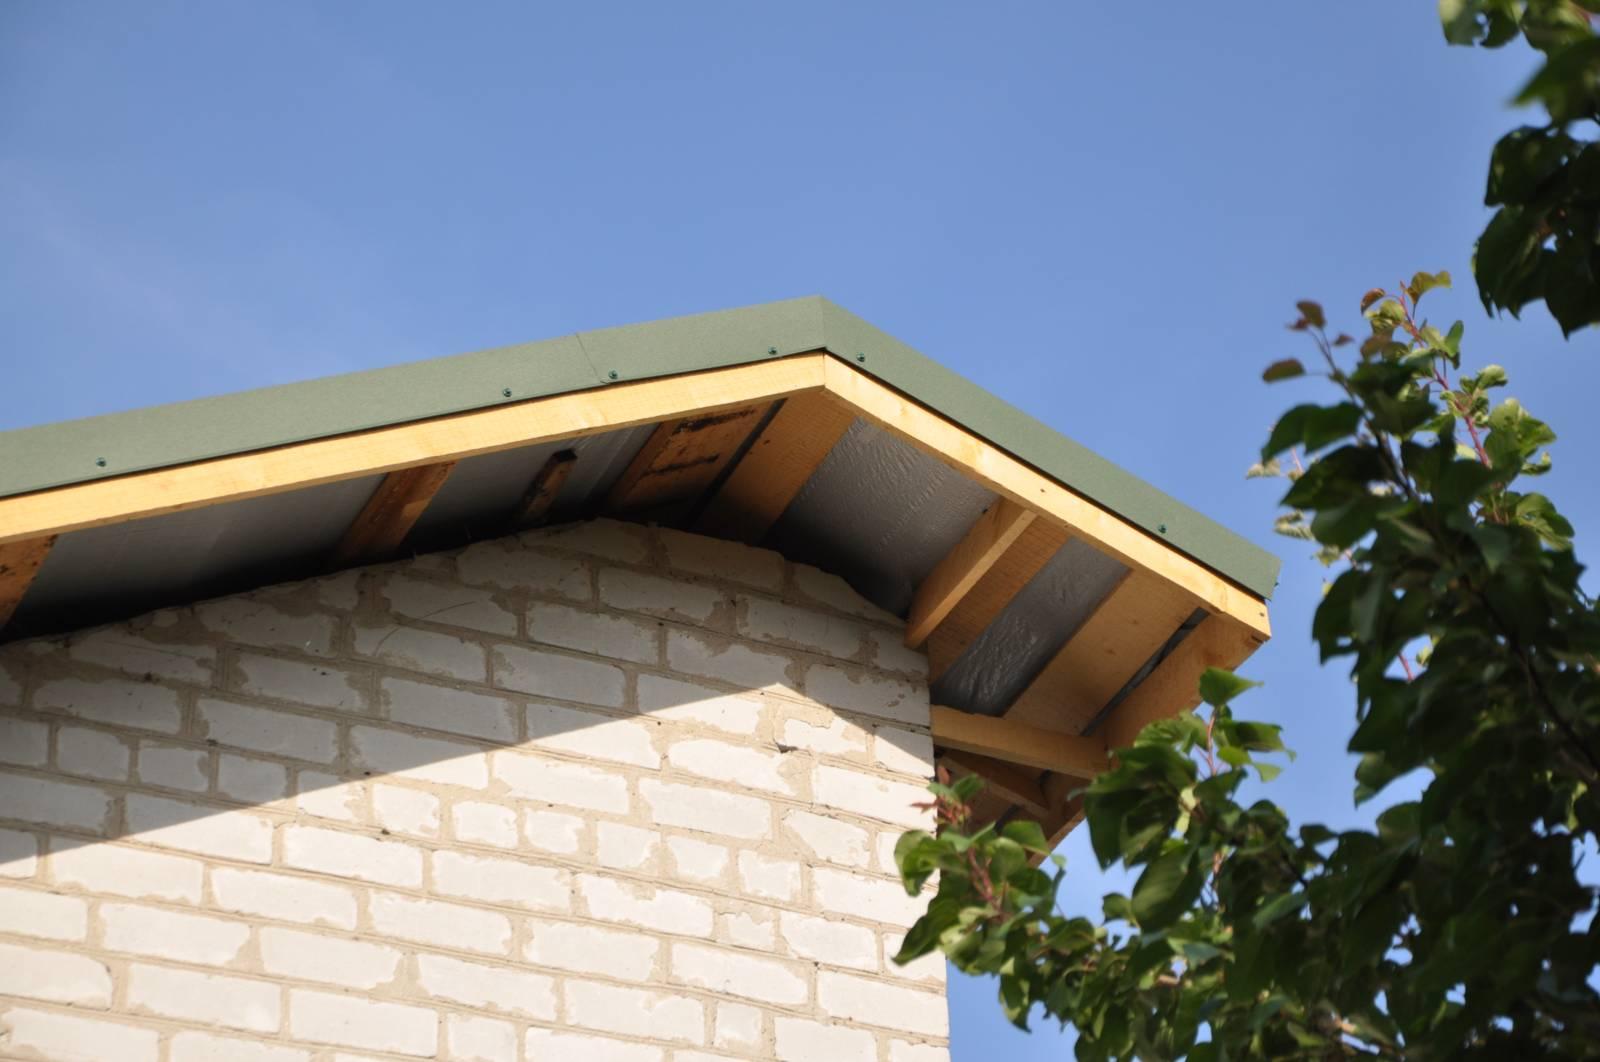 Подшивка карнизов крыши: инструкция, материалы, инструменты 25